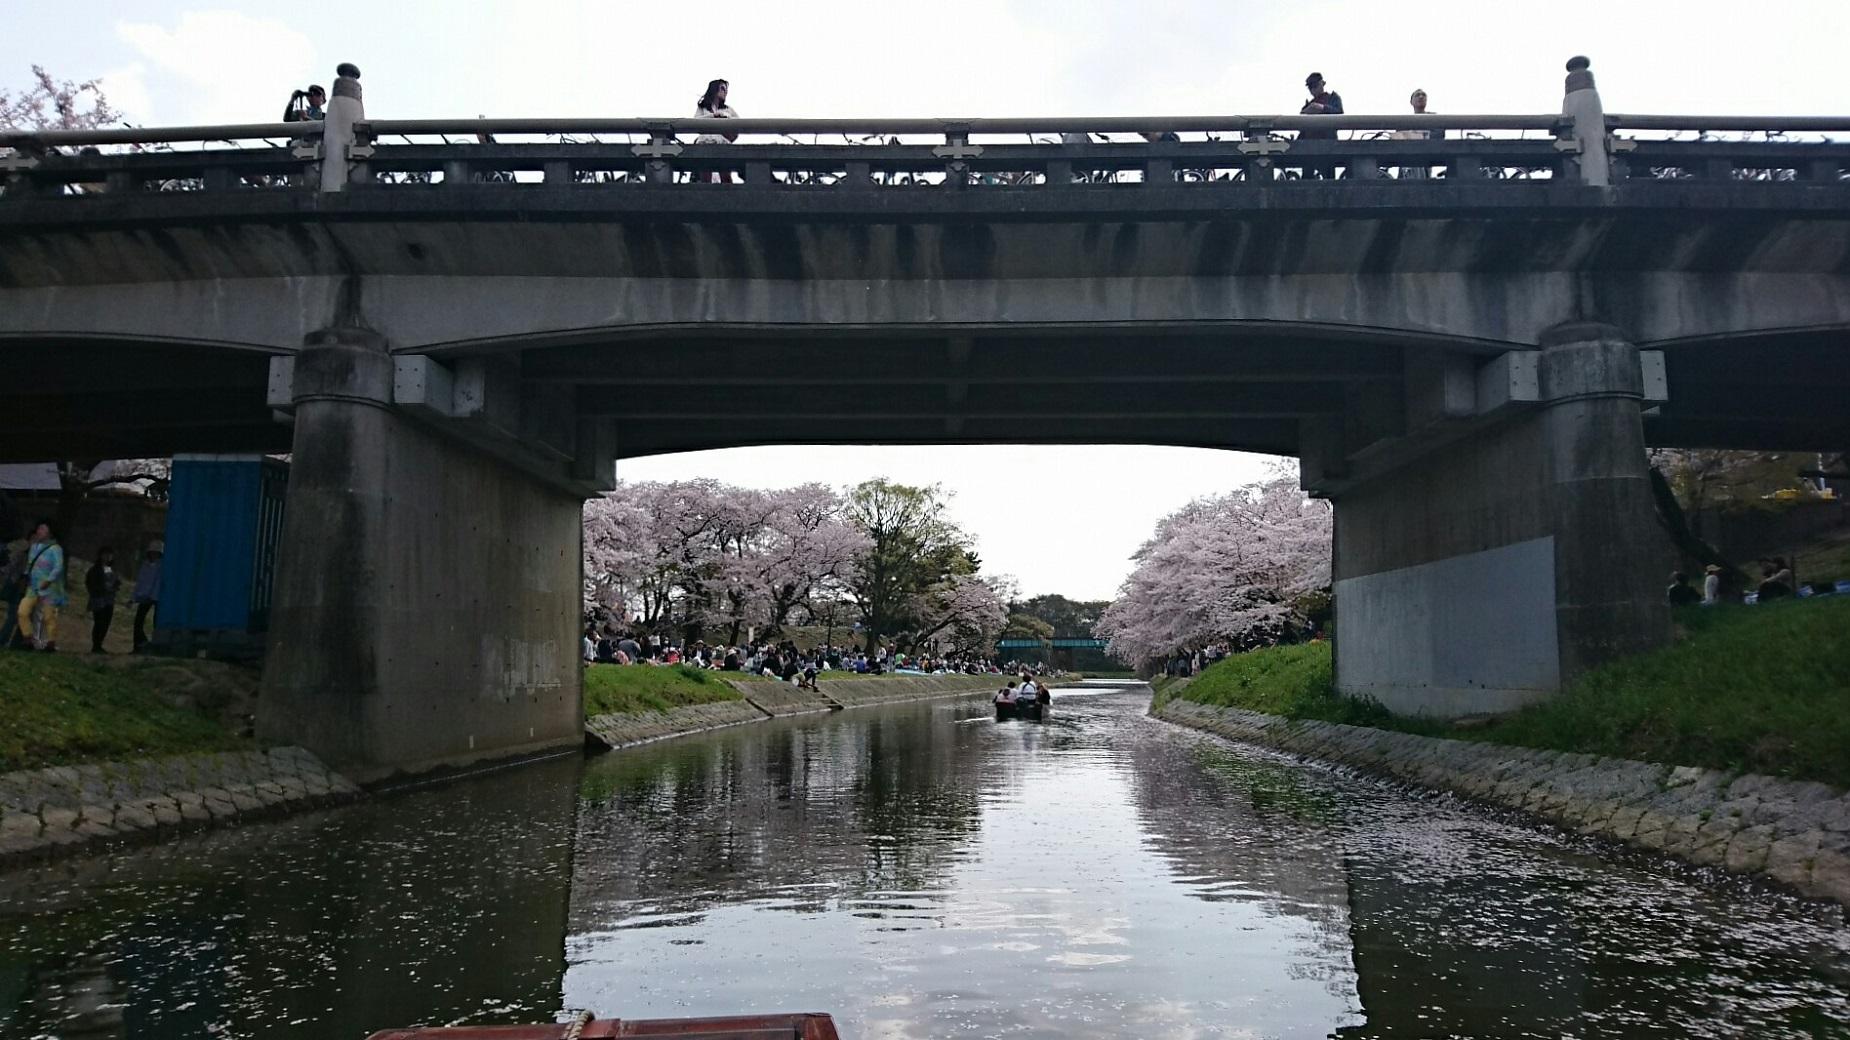 2018.3.31 岡崎ふなあそび (42) 伊賀川くだり - 竹千代橋 1850-1040